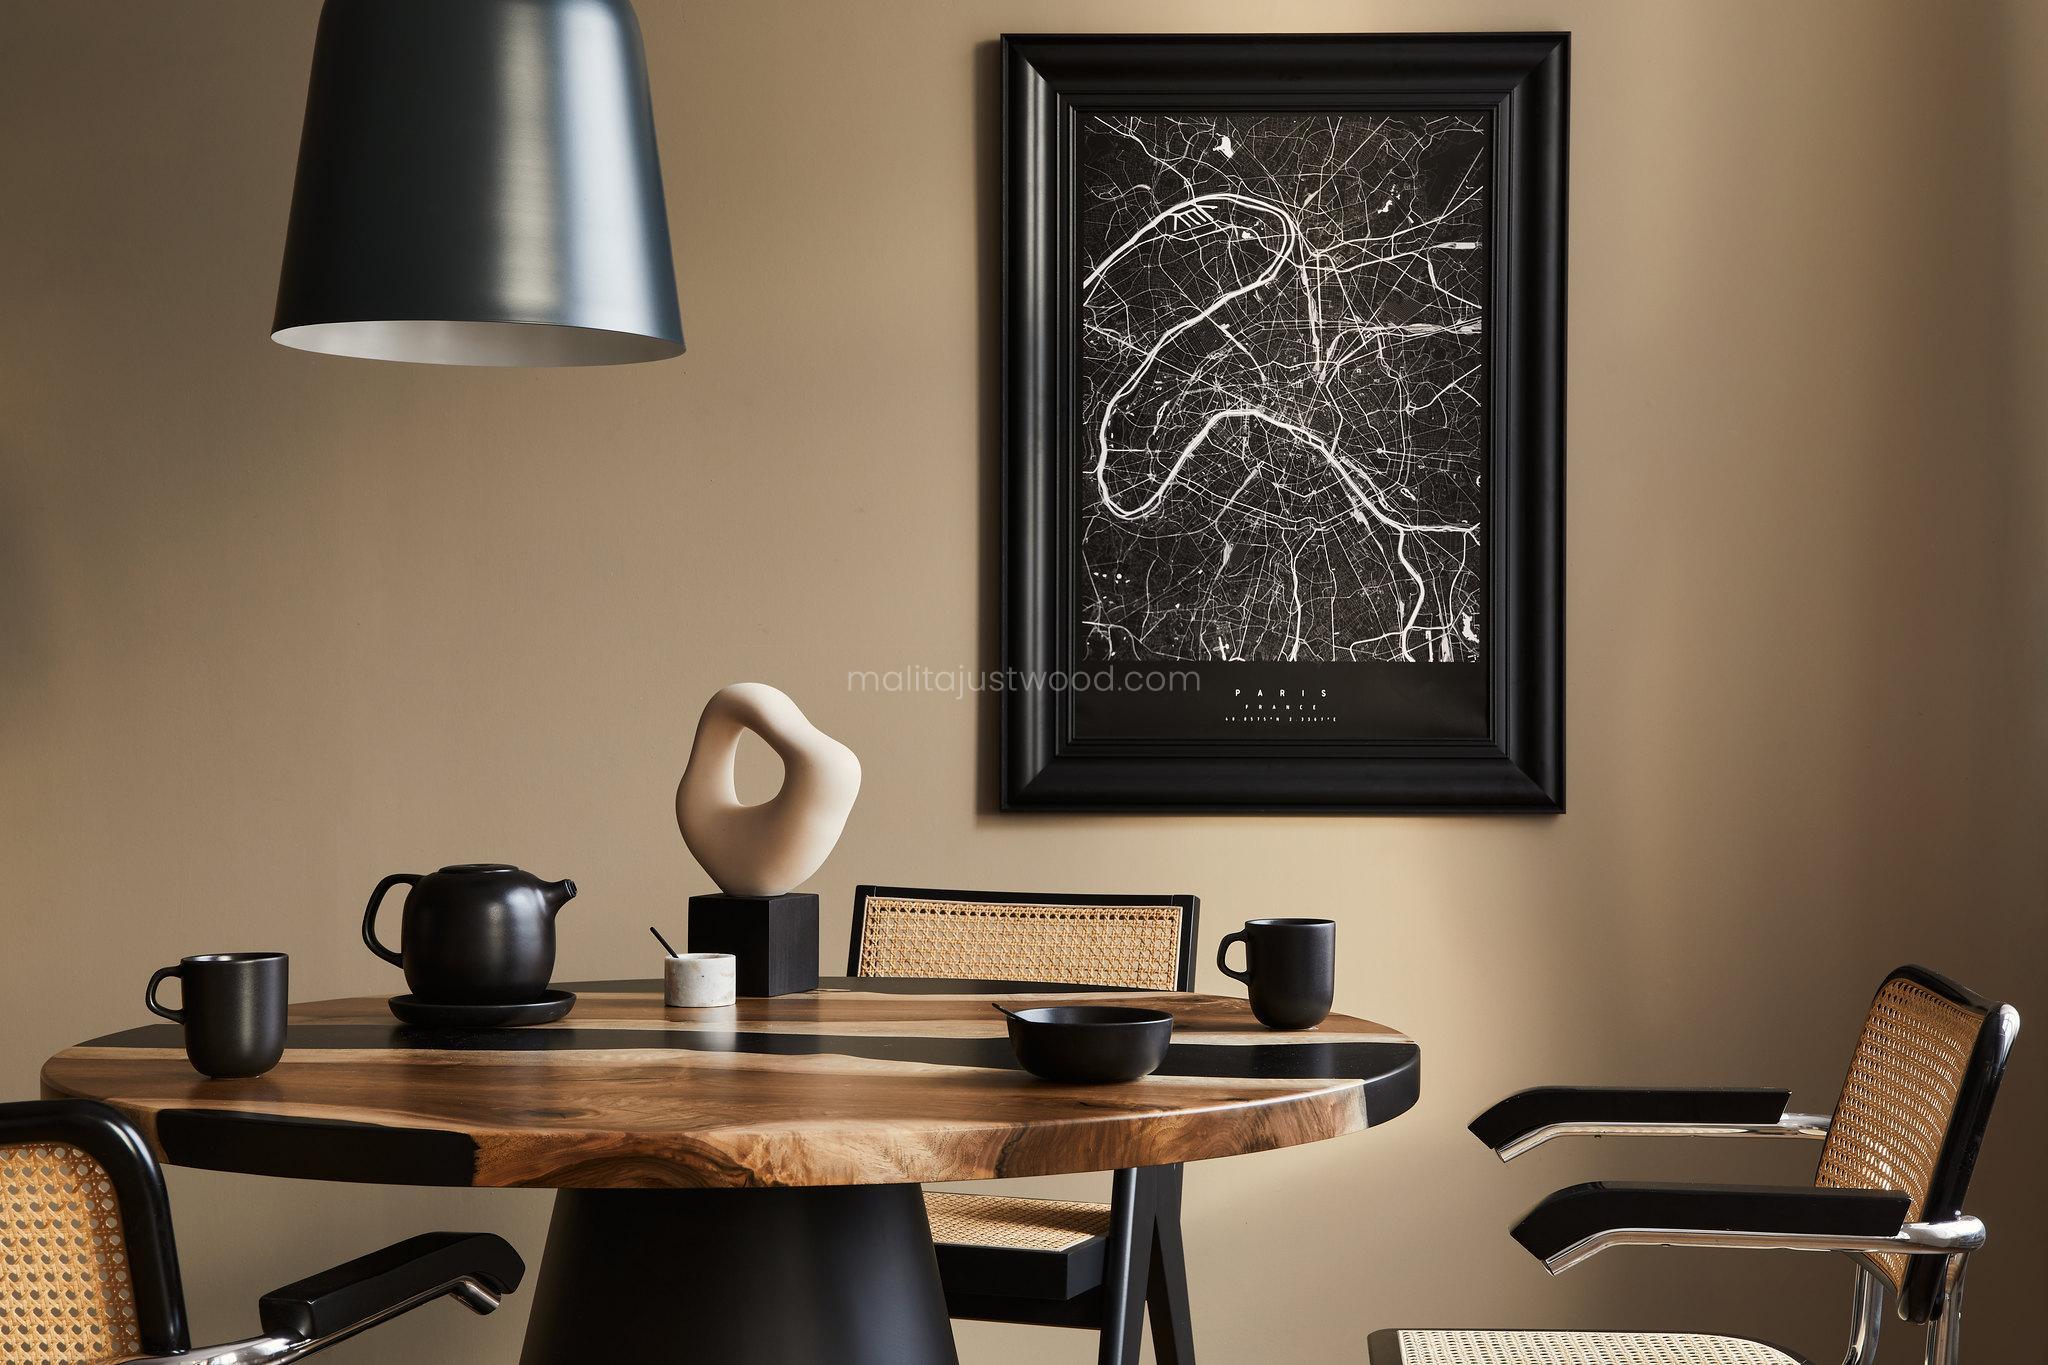 Lekka, designerska i nowoczesna aranżacja - okrągły stół z żywicy i metalową nogą